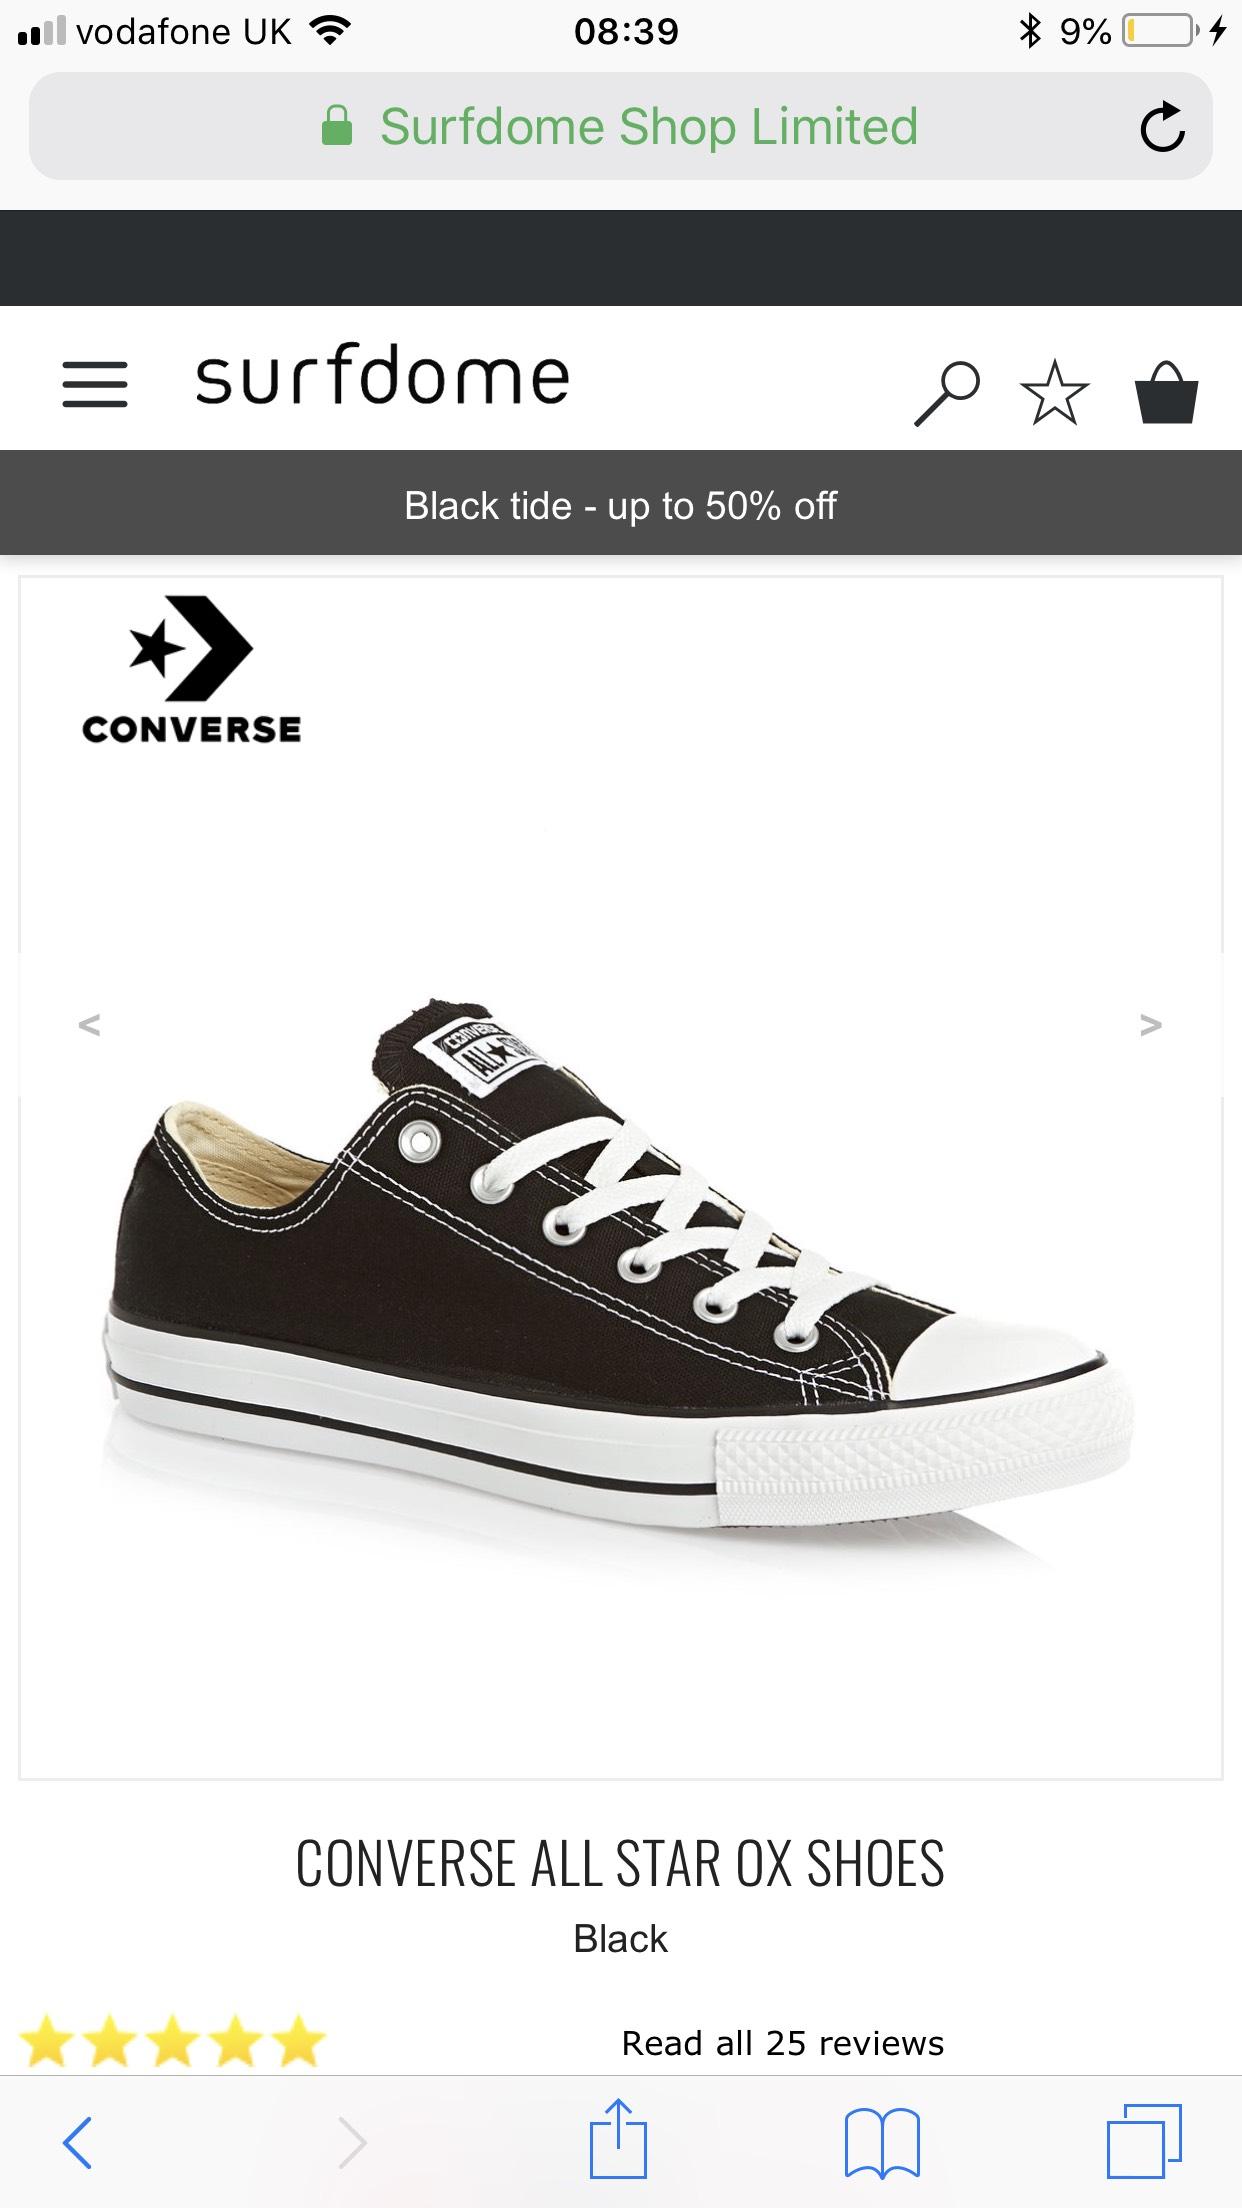 converse hot uk deals